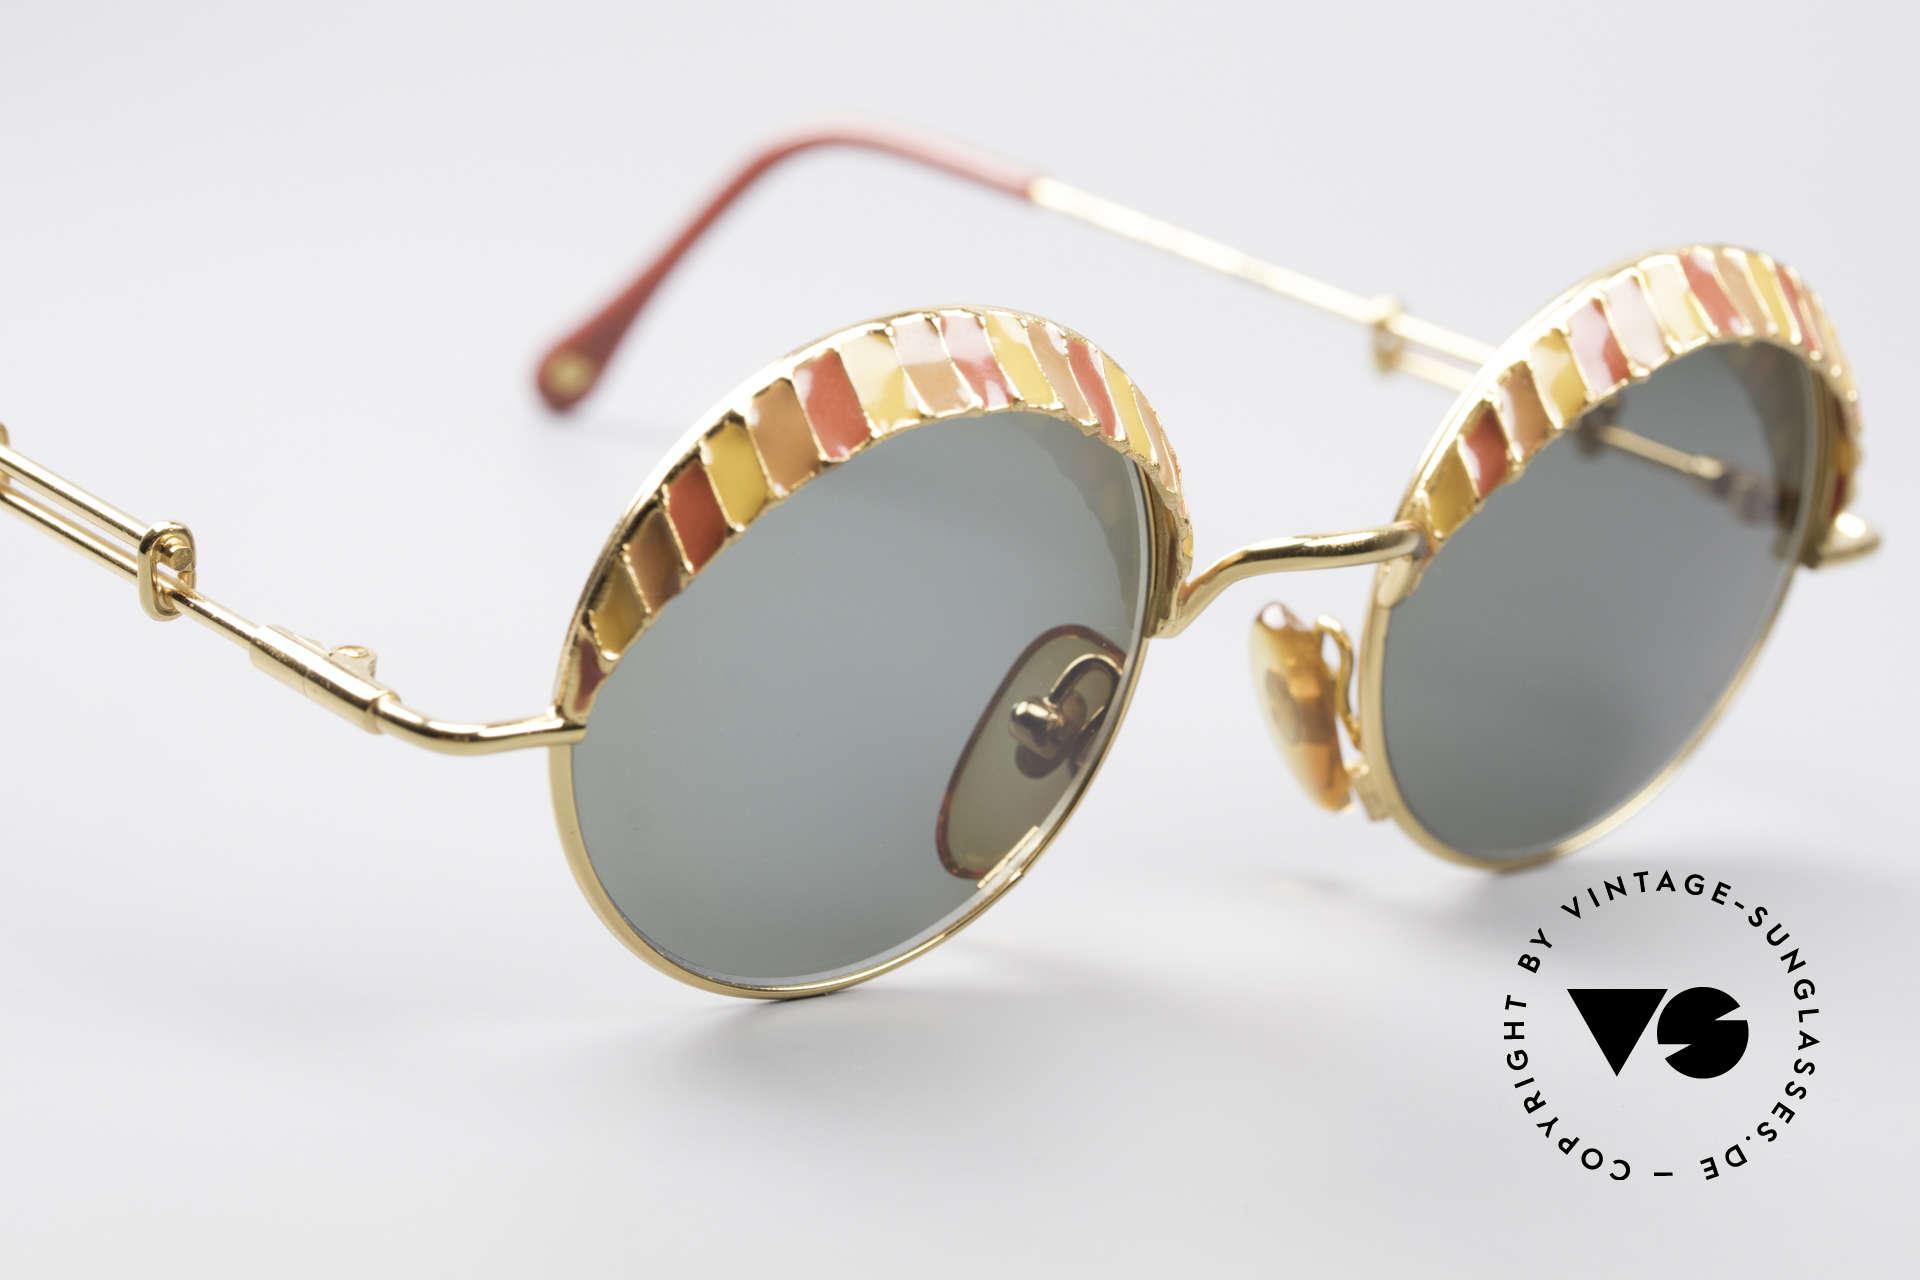 Casanova Arché 4 Limited Gold Plated Brille, Top-Qualität (24Kt GP) & mit Holz-Etui u. Zertifikat, Passend für Herren und Damen